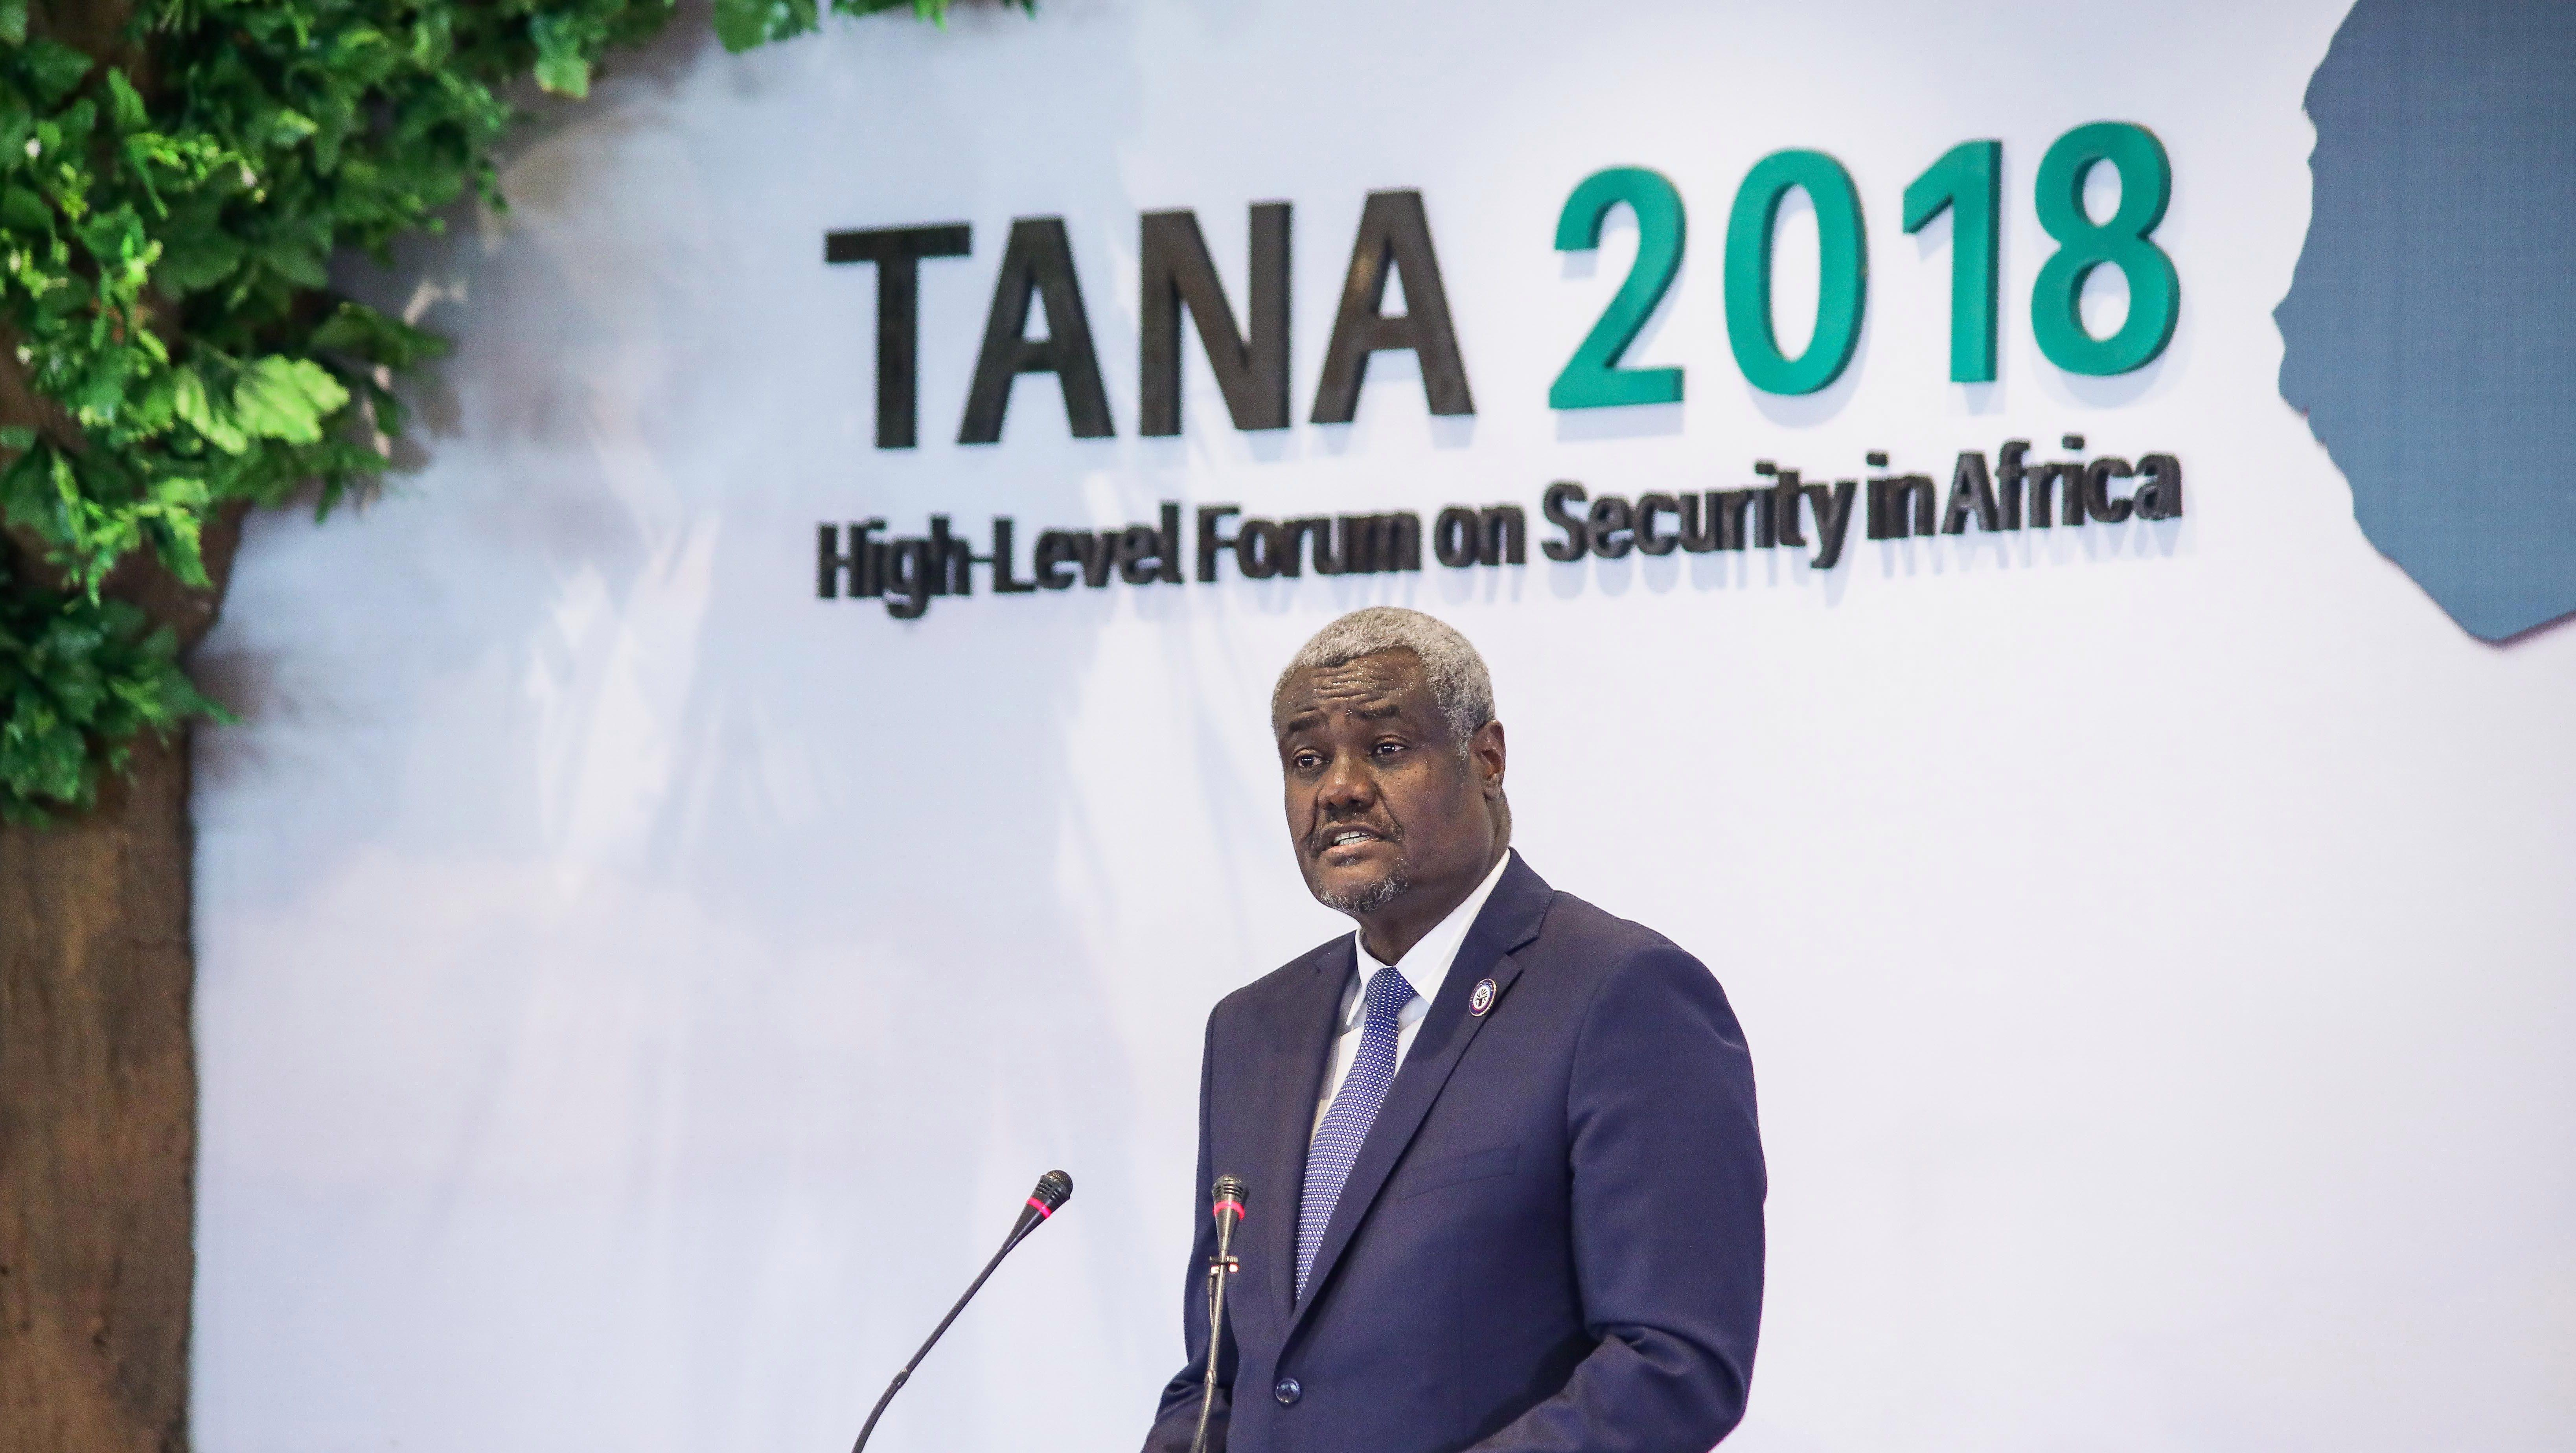 African Union chairman Moussa Faki